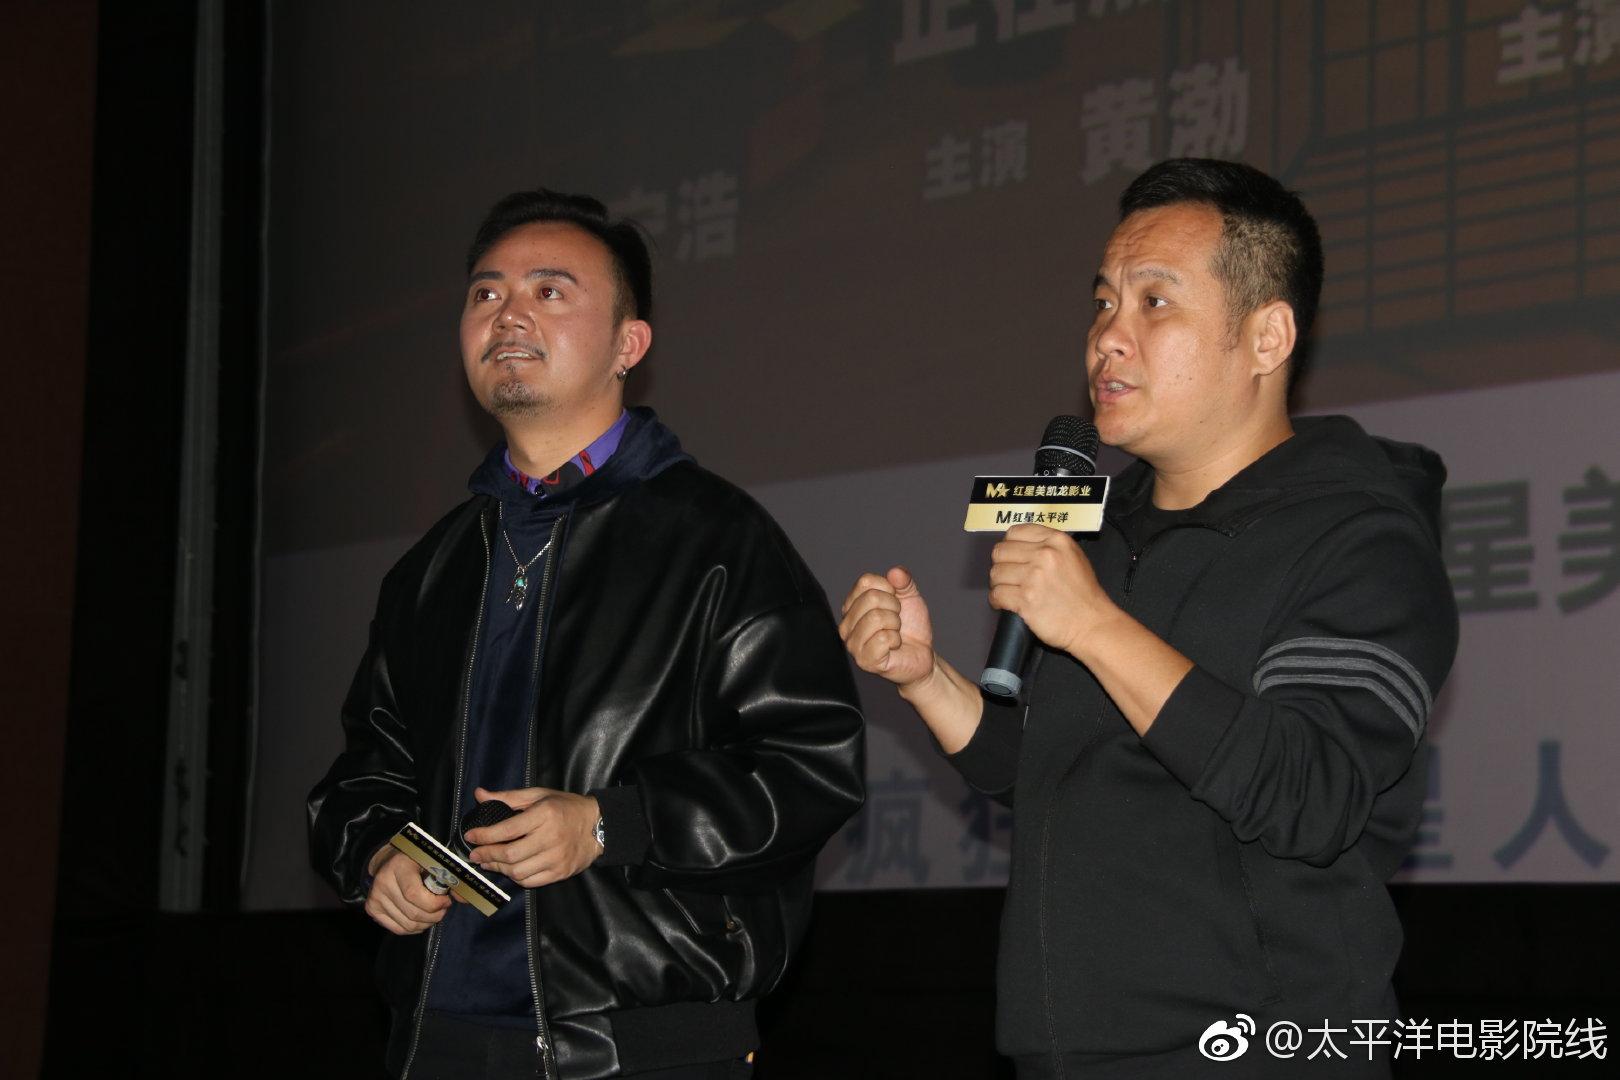 2月13日,《疯狂的外星人》导演宁浩亲临昆明红星太平洋影城